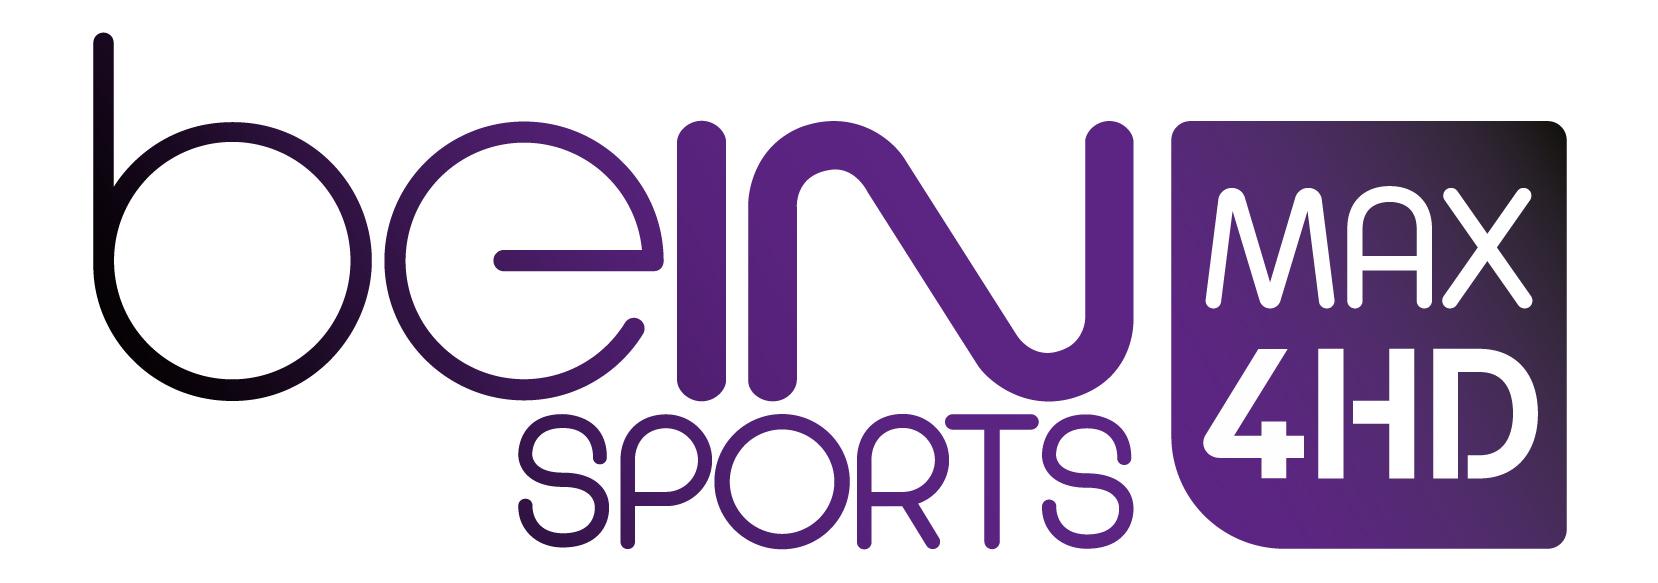 image - logo-bein-sports-max-4-hd 1ut2dcsfzw7zj1204z6hz3qkhp-1-